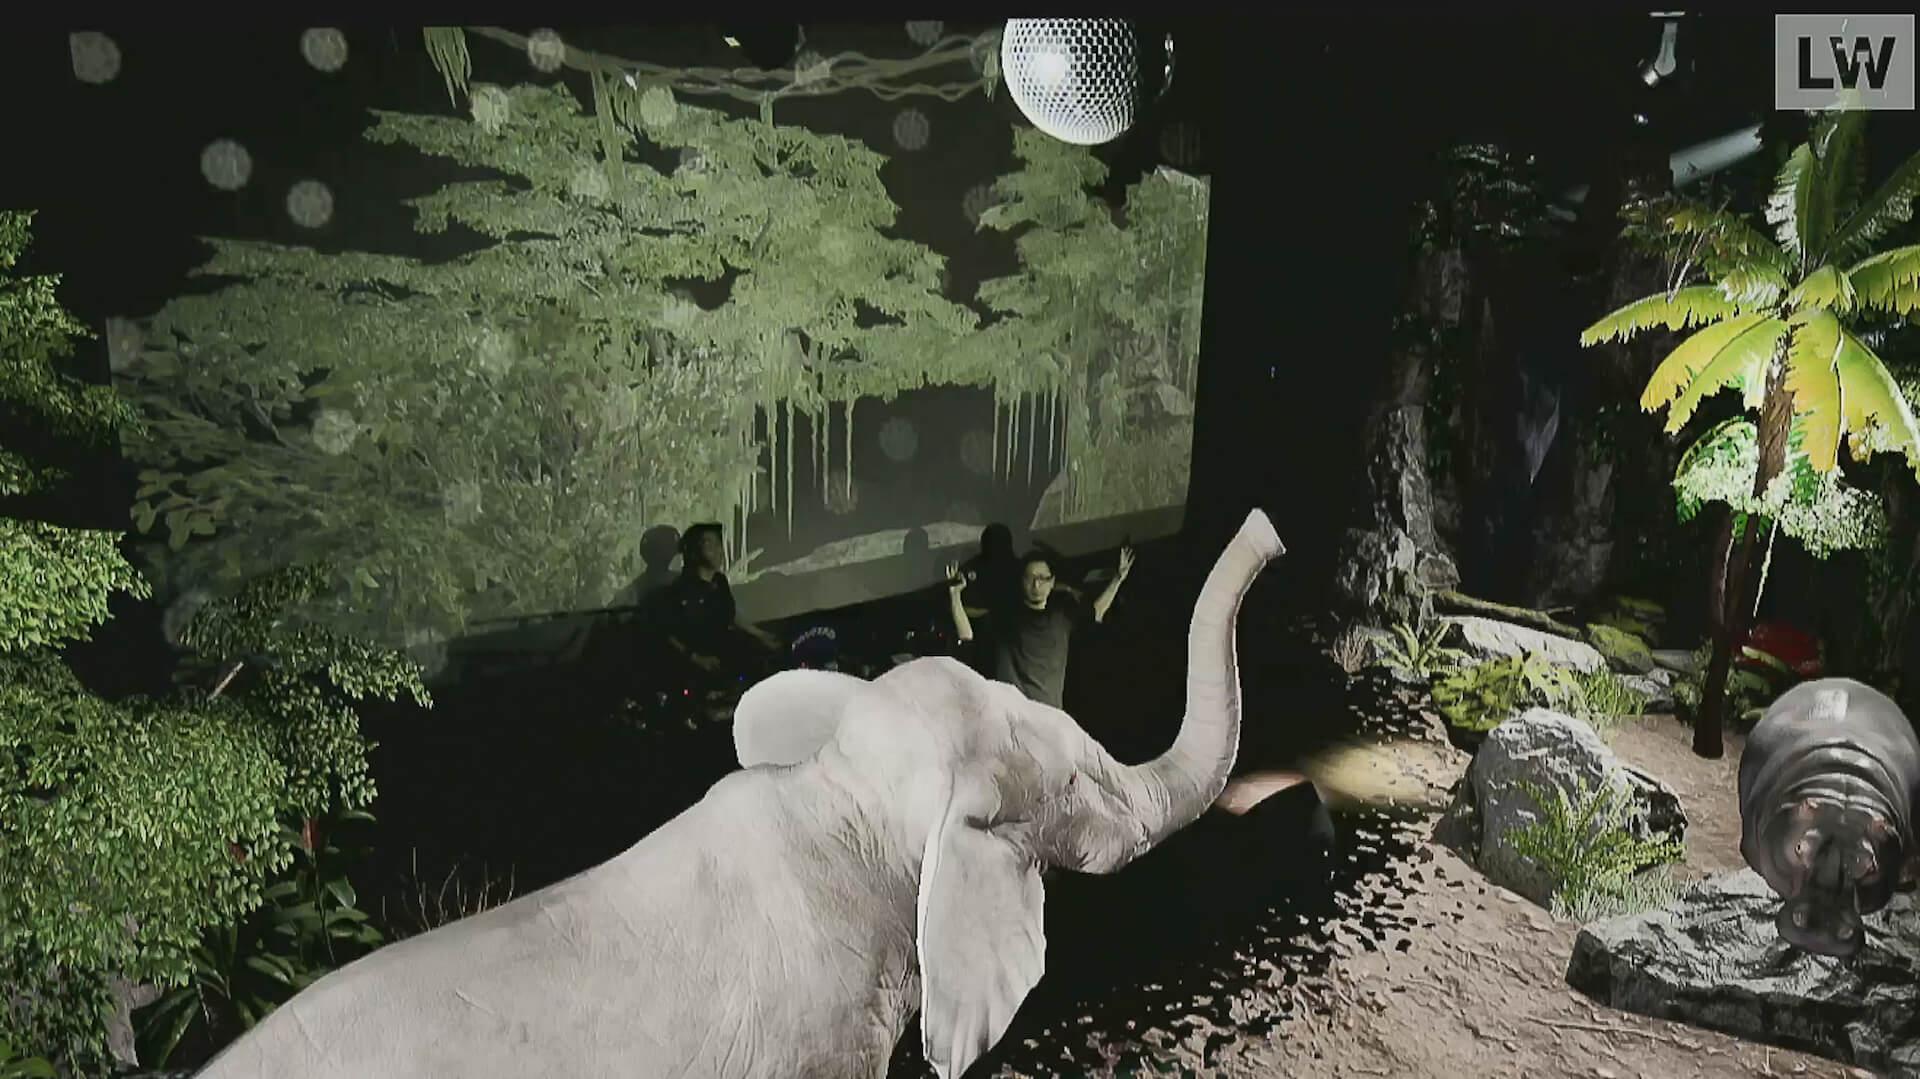 ライブレポート:LIVEWIRE PUNPEE<Sofa Kingdomcome>|映画作品のような夢見心地の時間 music200915_punpee_9